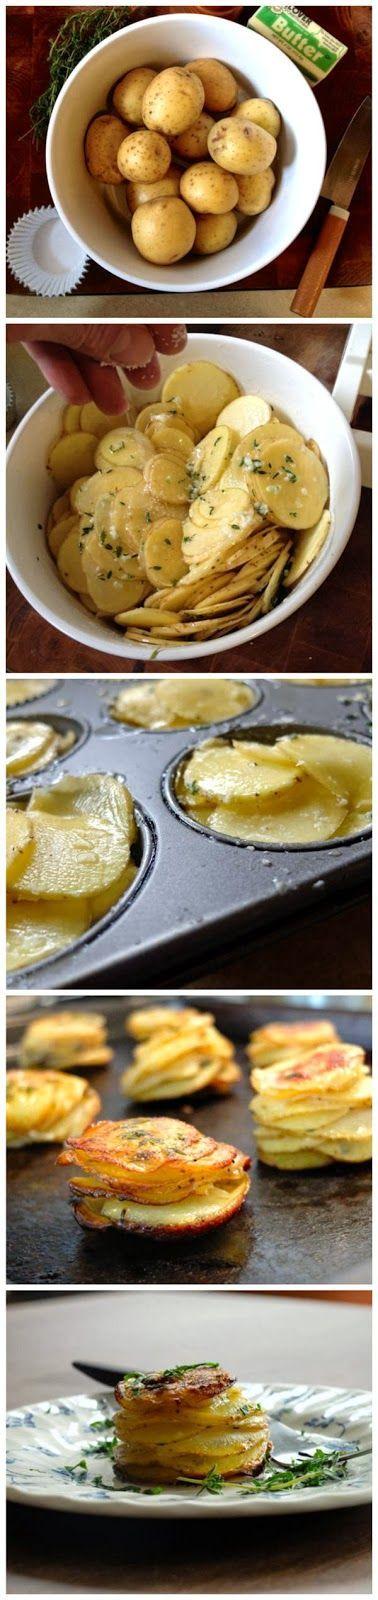 Mantequilla, papas, Sal y pimienta, tomillo fresco y diente de ajo, picado (opcional).